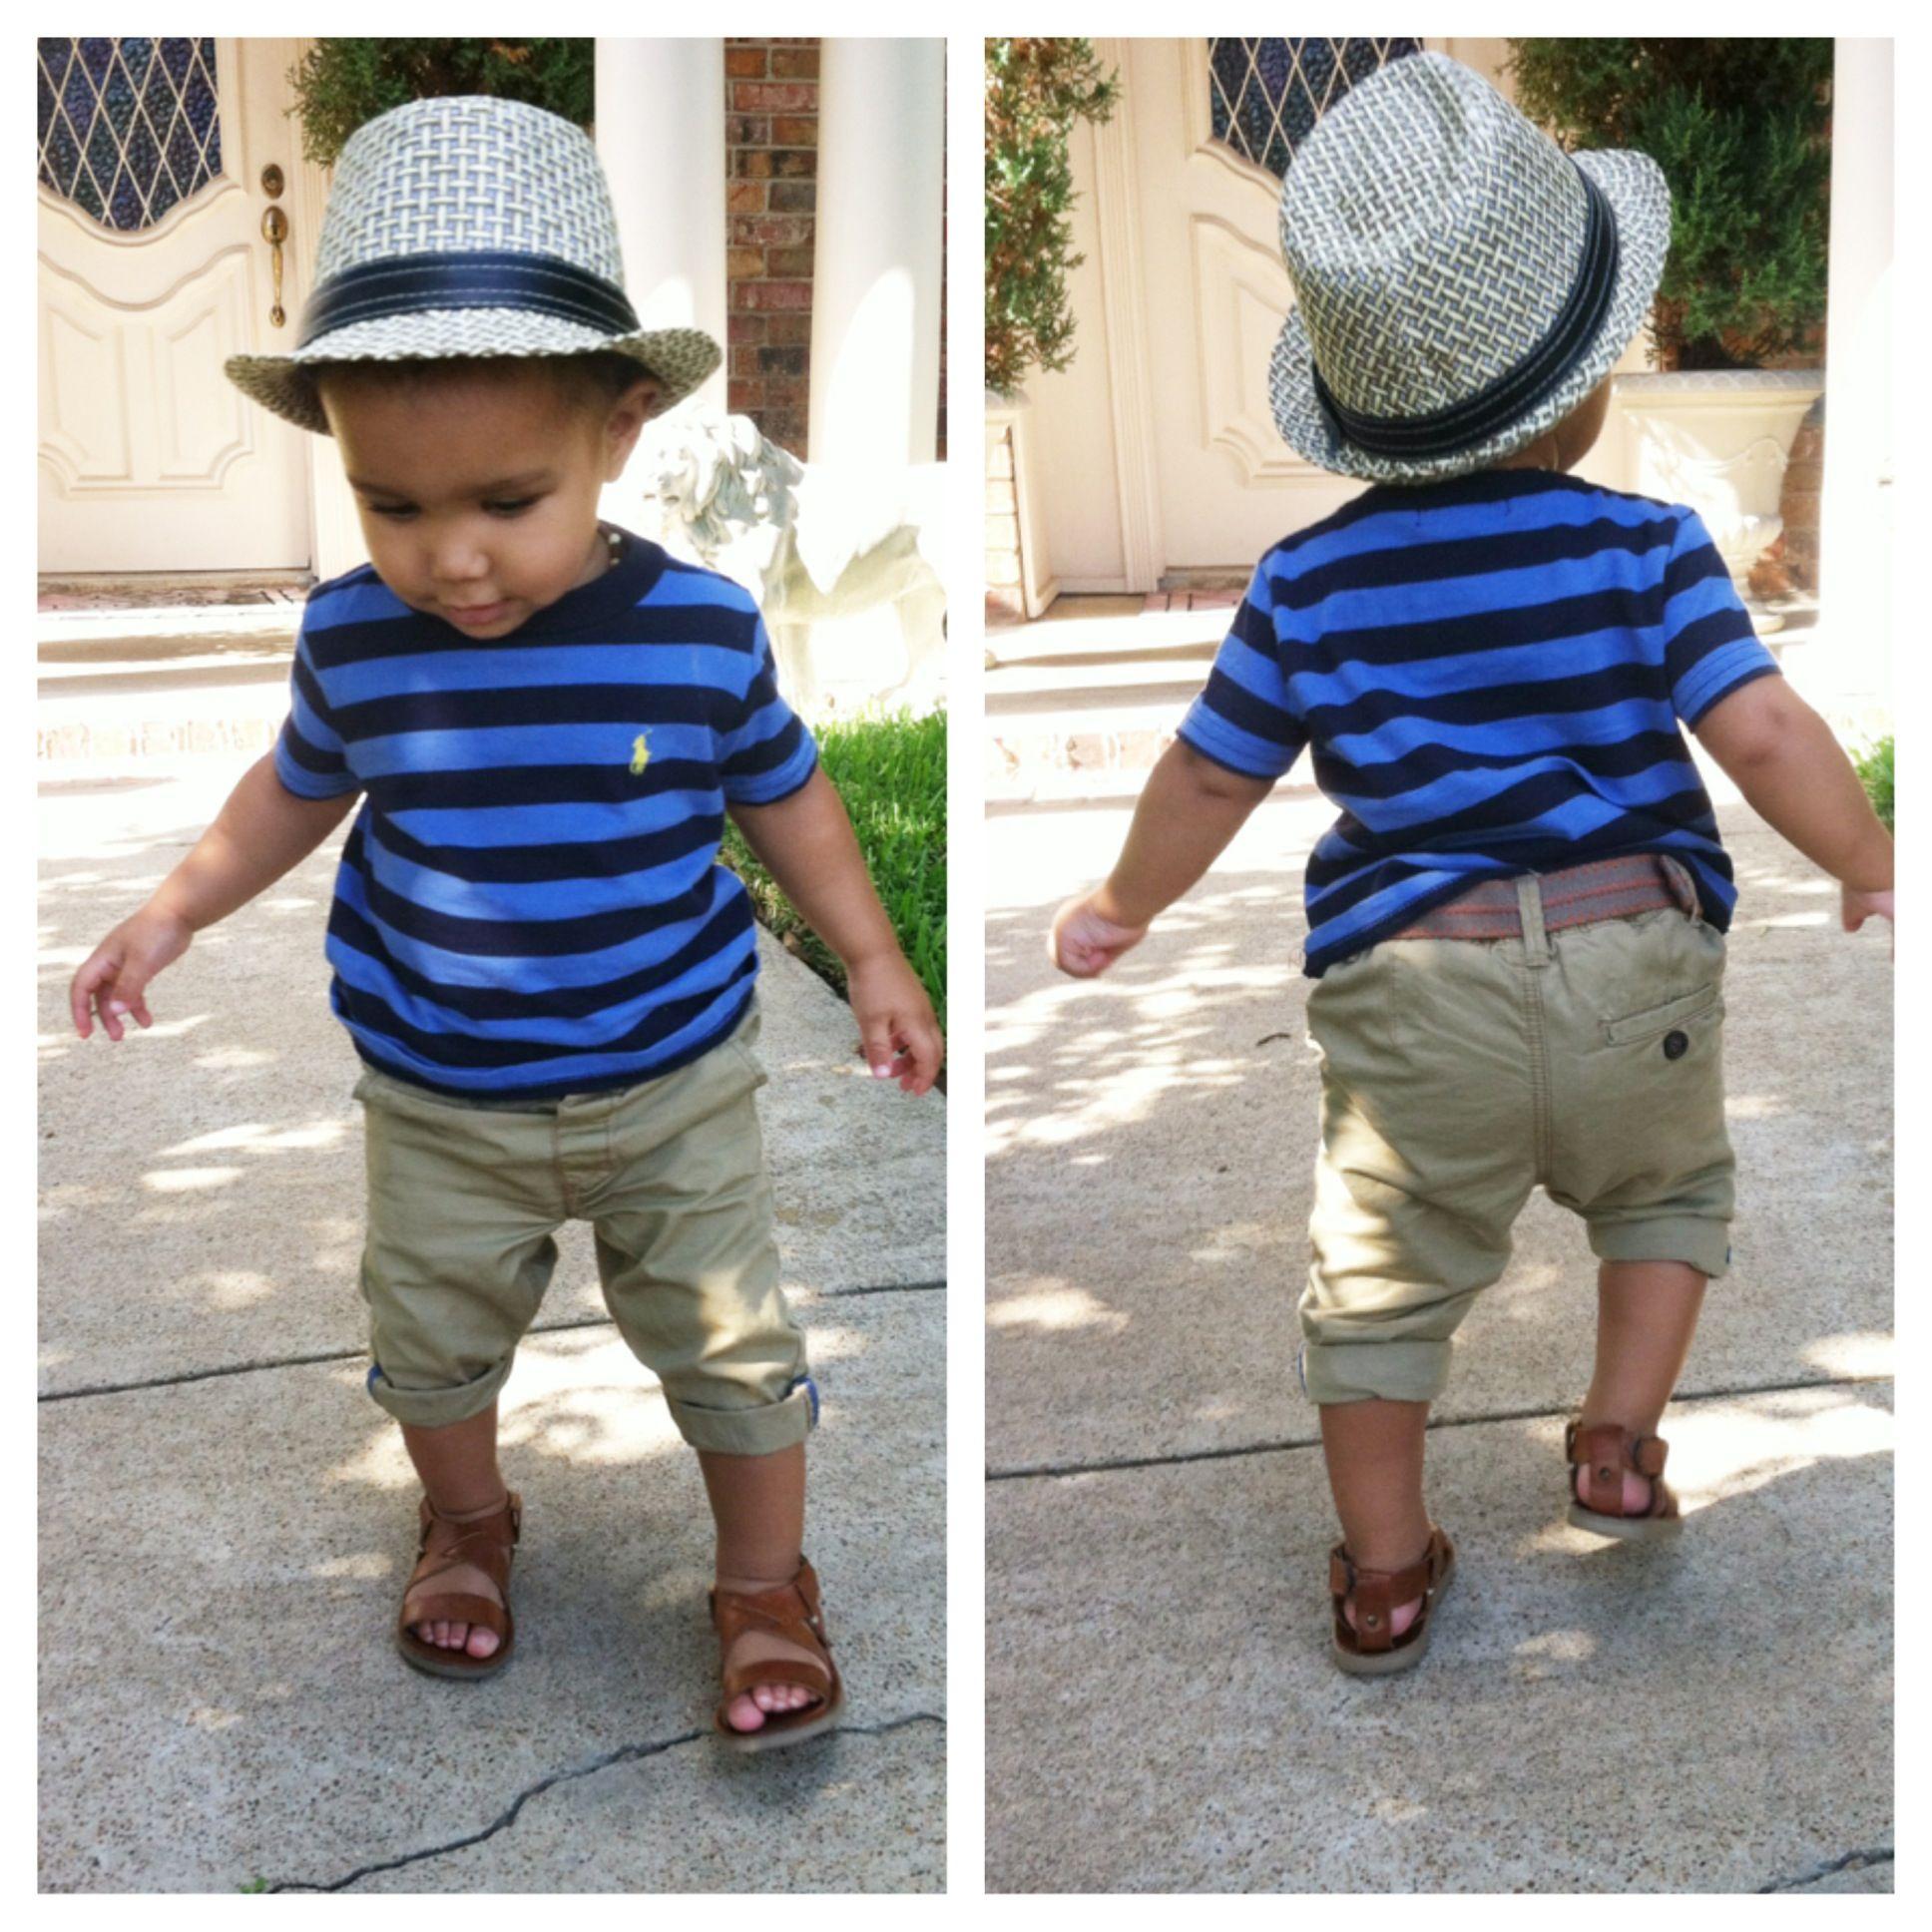 Black sandals for toddler boy - Toddler Boys Fashion